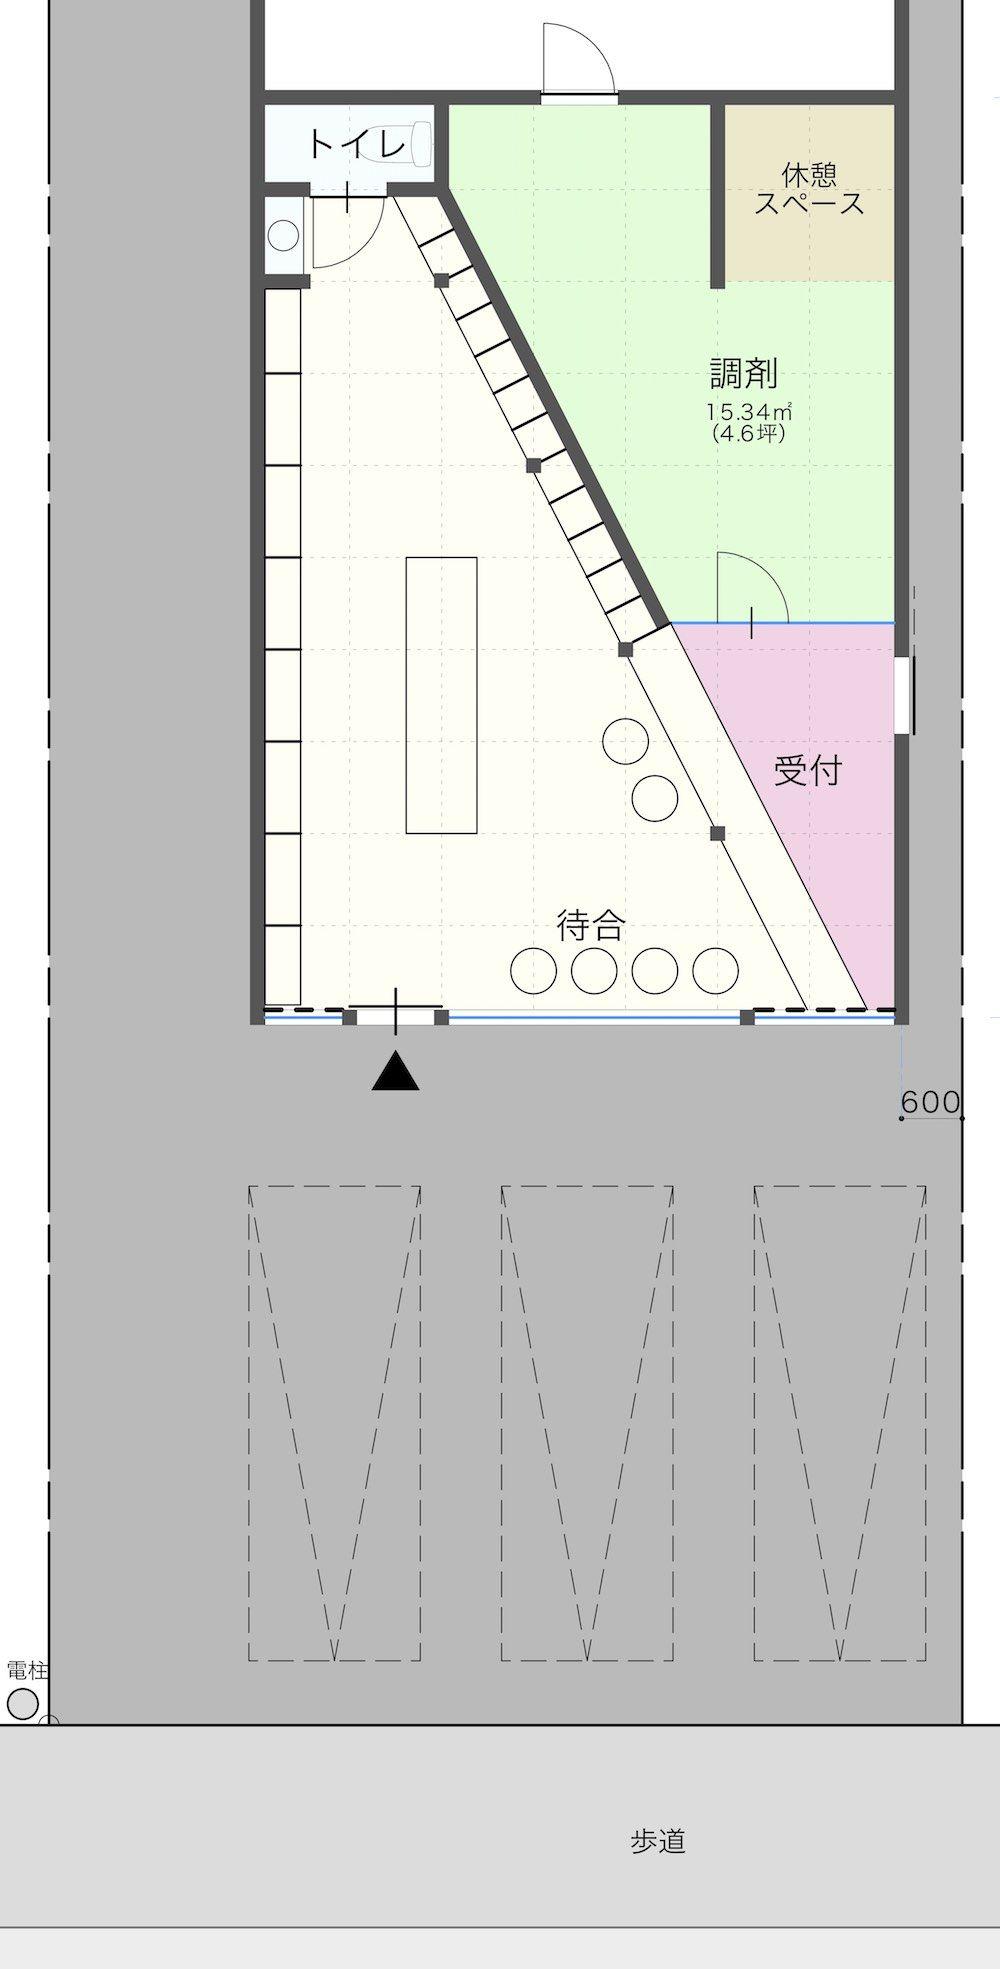 調剤薬局店舗の内装間取りプラン設計図 北島建築設計事務所 調剤薬局 薬局 間取り